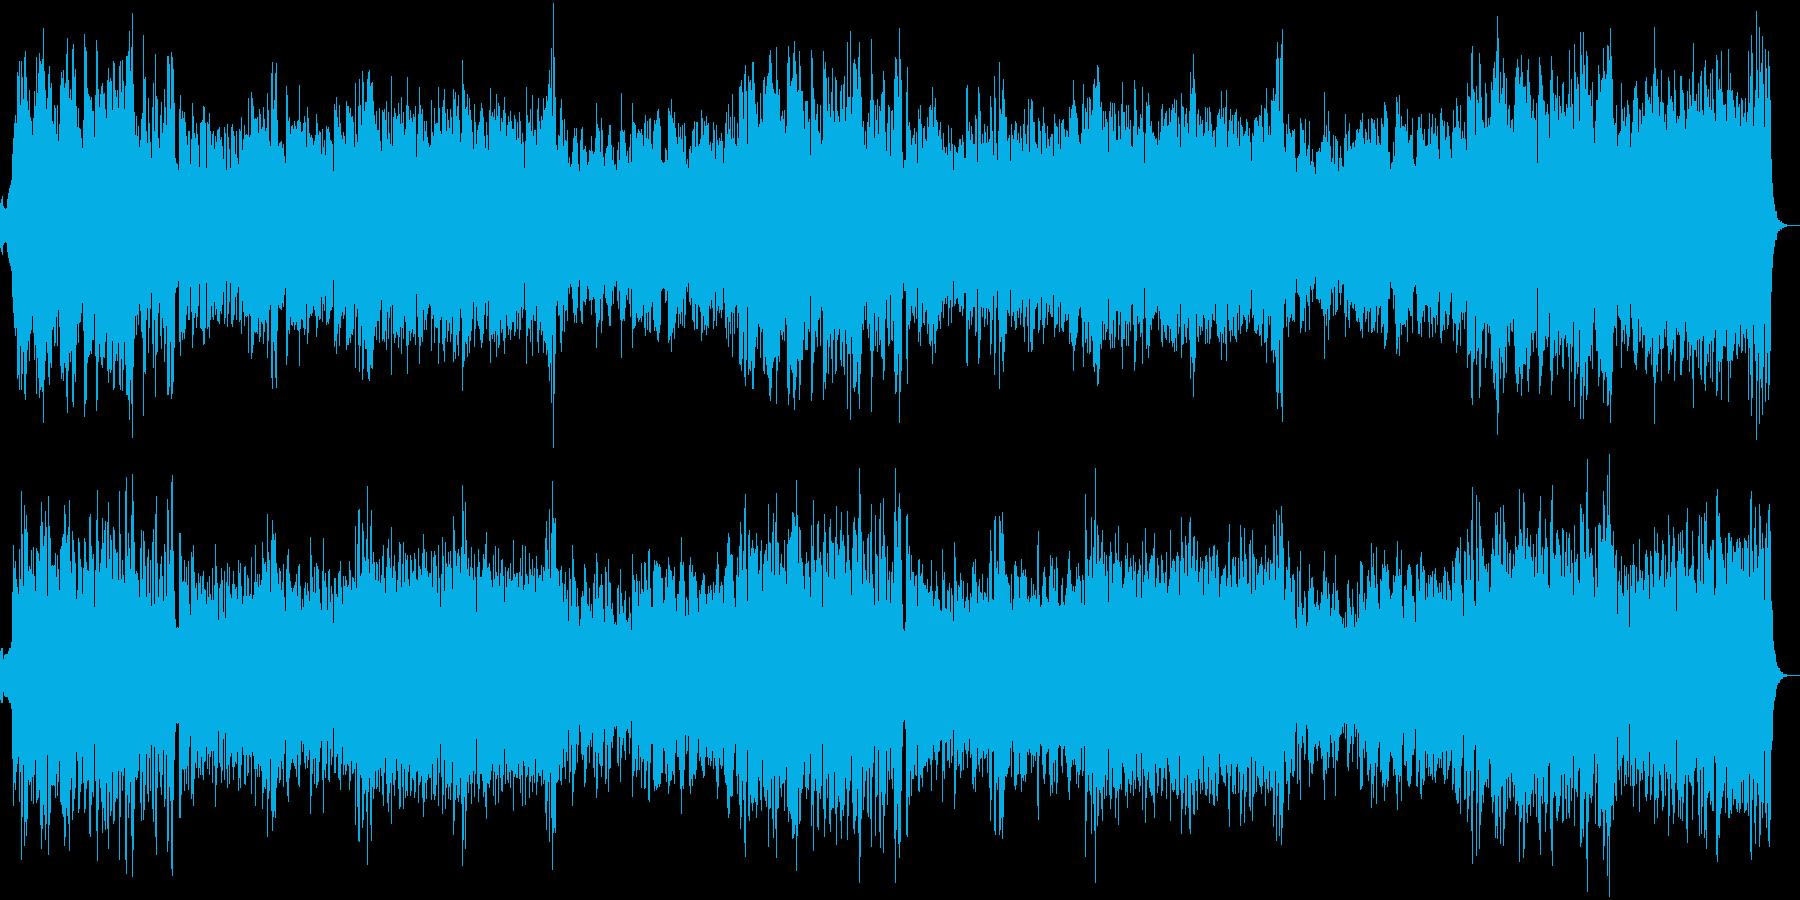 輝かしく華やかな式典向け管弦楽曲の再生済みの波形